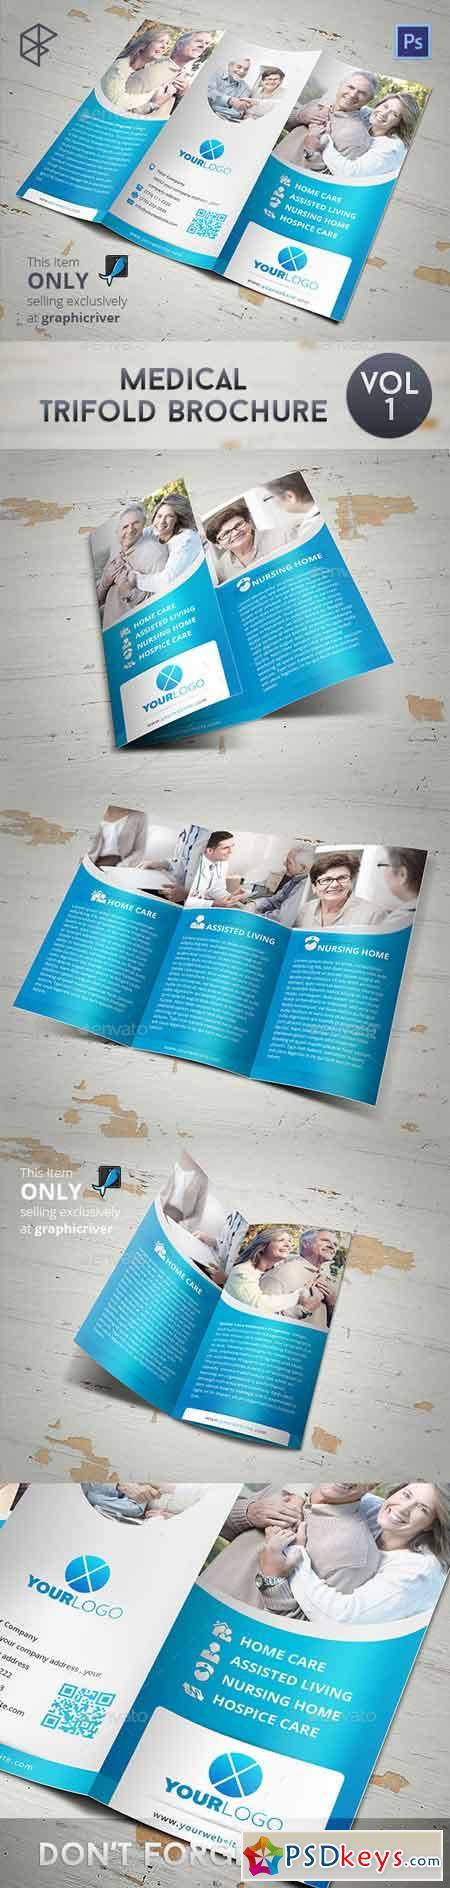 Medical Tri-fold Brochure 7828729